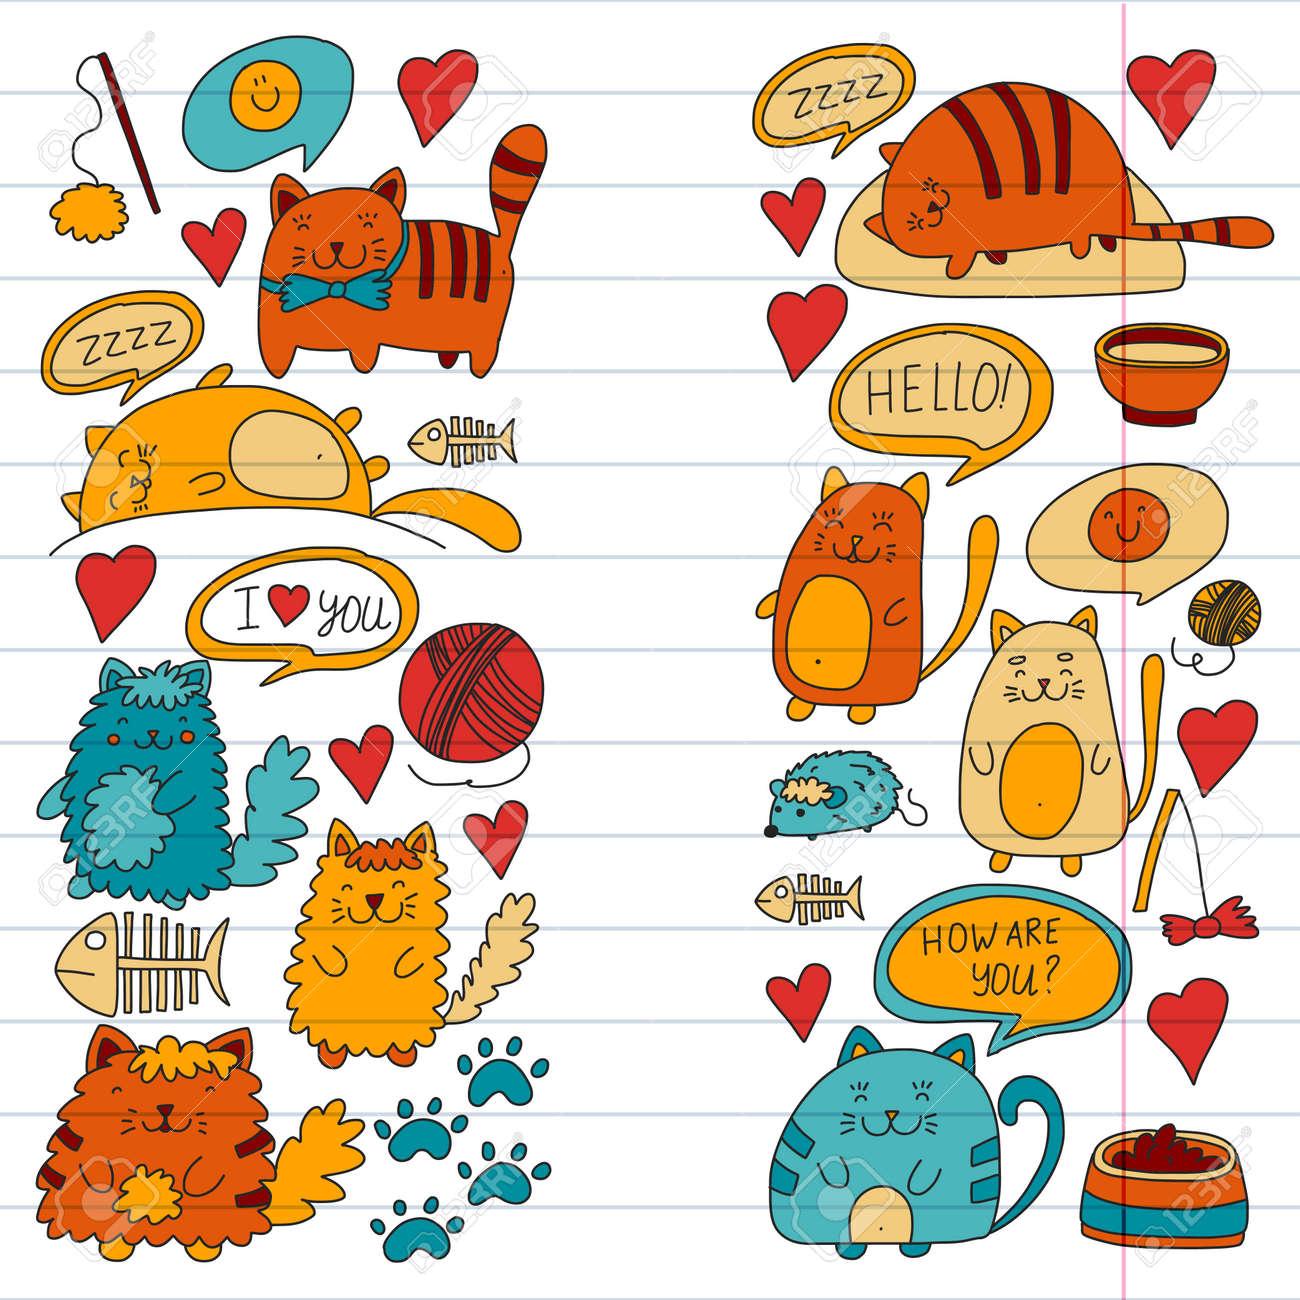 Chats Vecteur Domestiques Chatons Kawaii Mignon Style Japonais Kawaii Chat De Bande Dessinée Jouant Illustratrion Pour Animalerie Vétérinaire